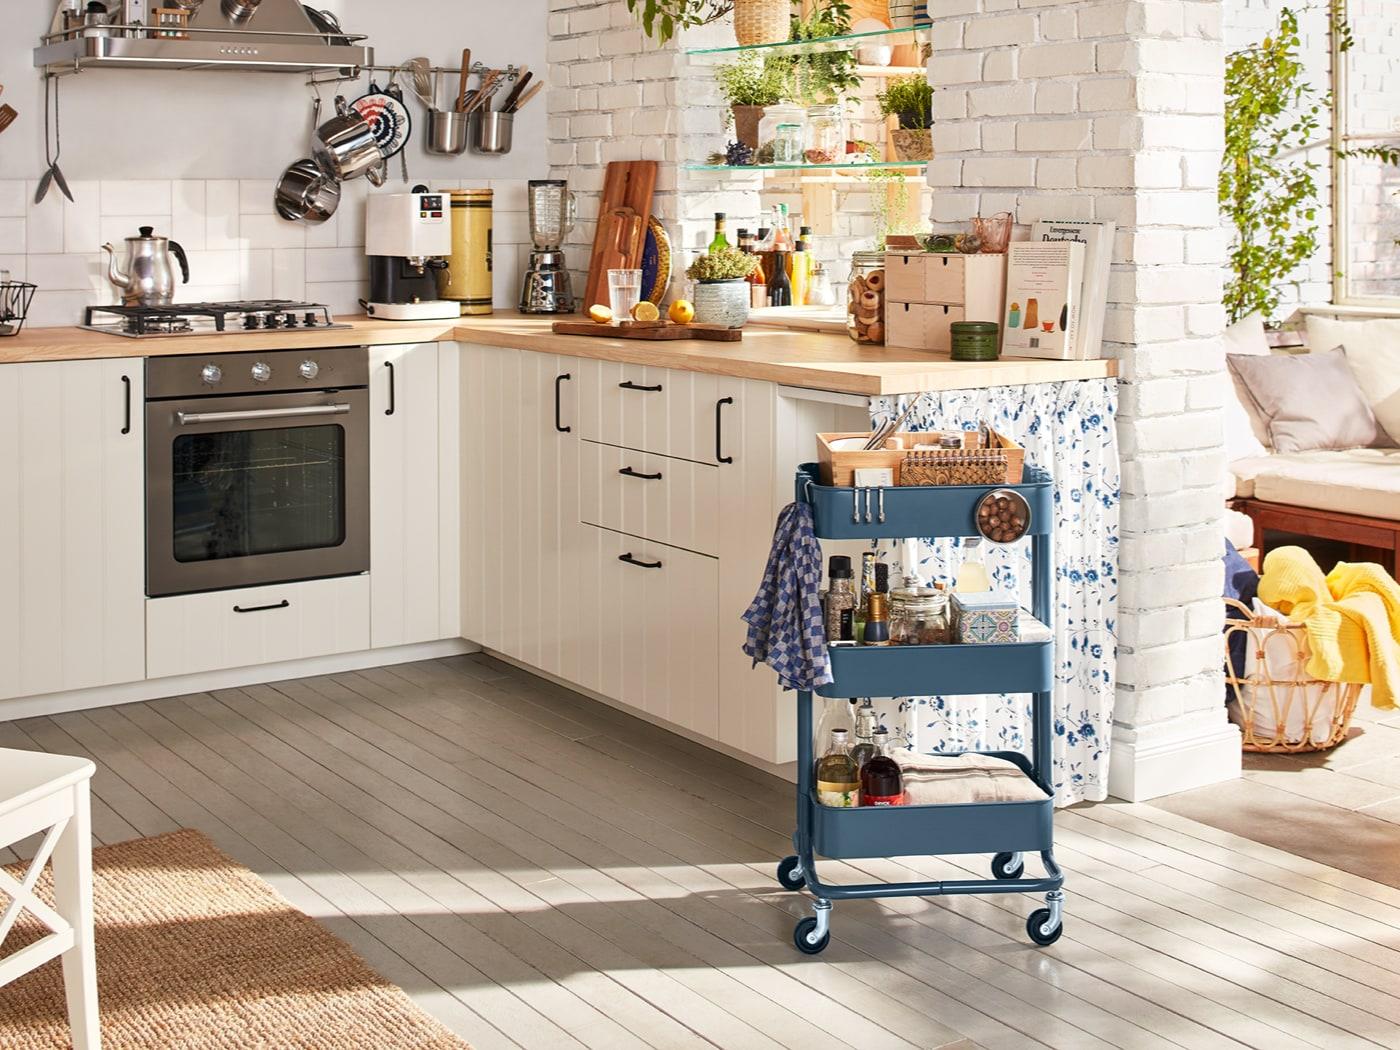 Küche U0026 Küchenmöbel Für Dein Zuhause   IKEA